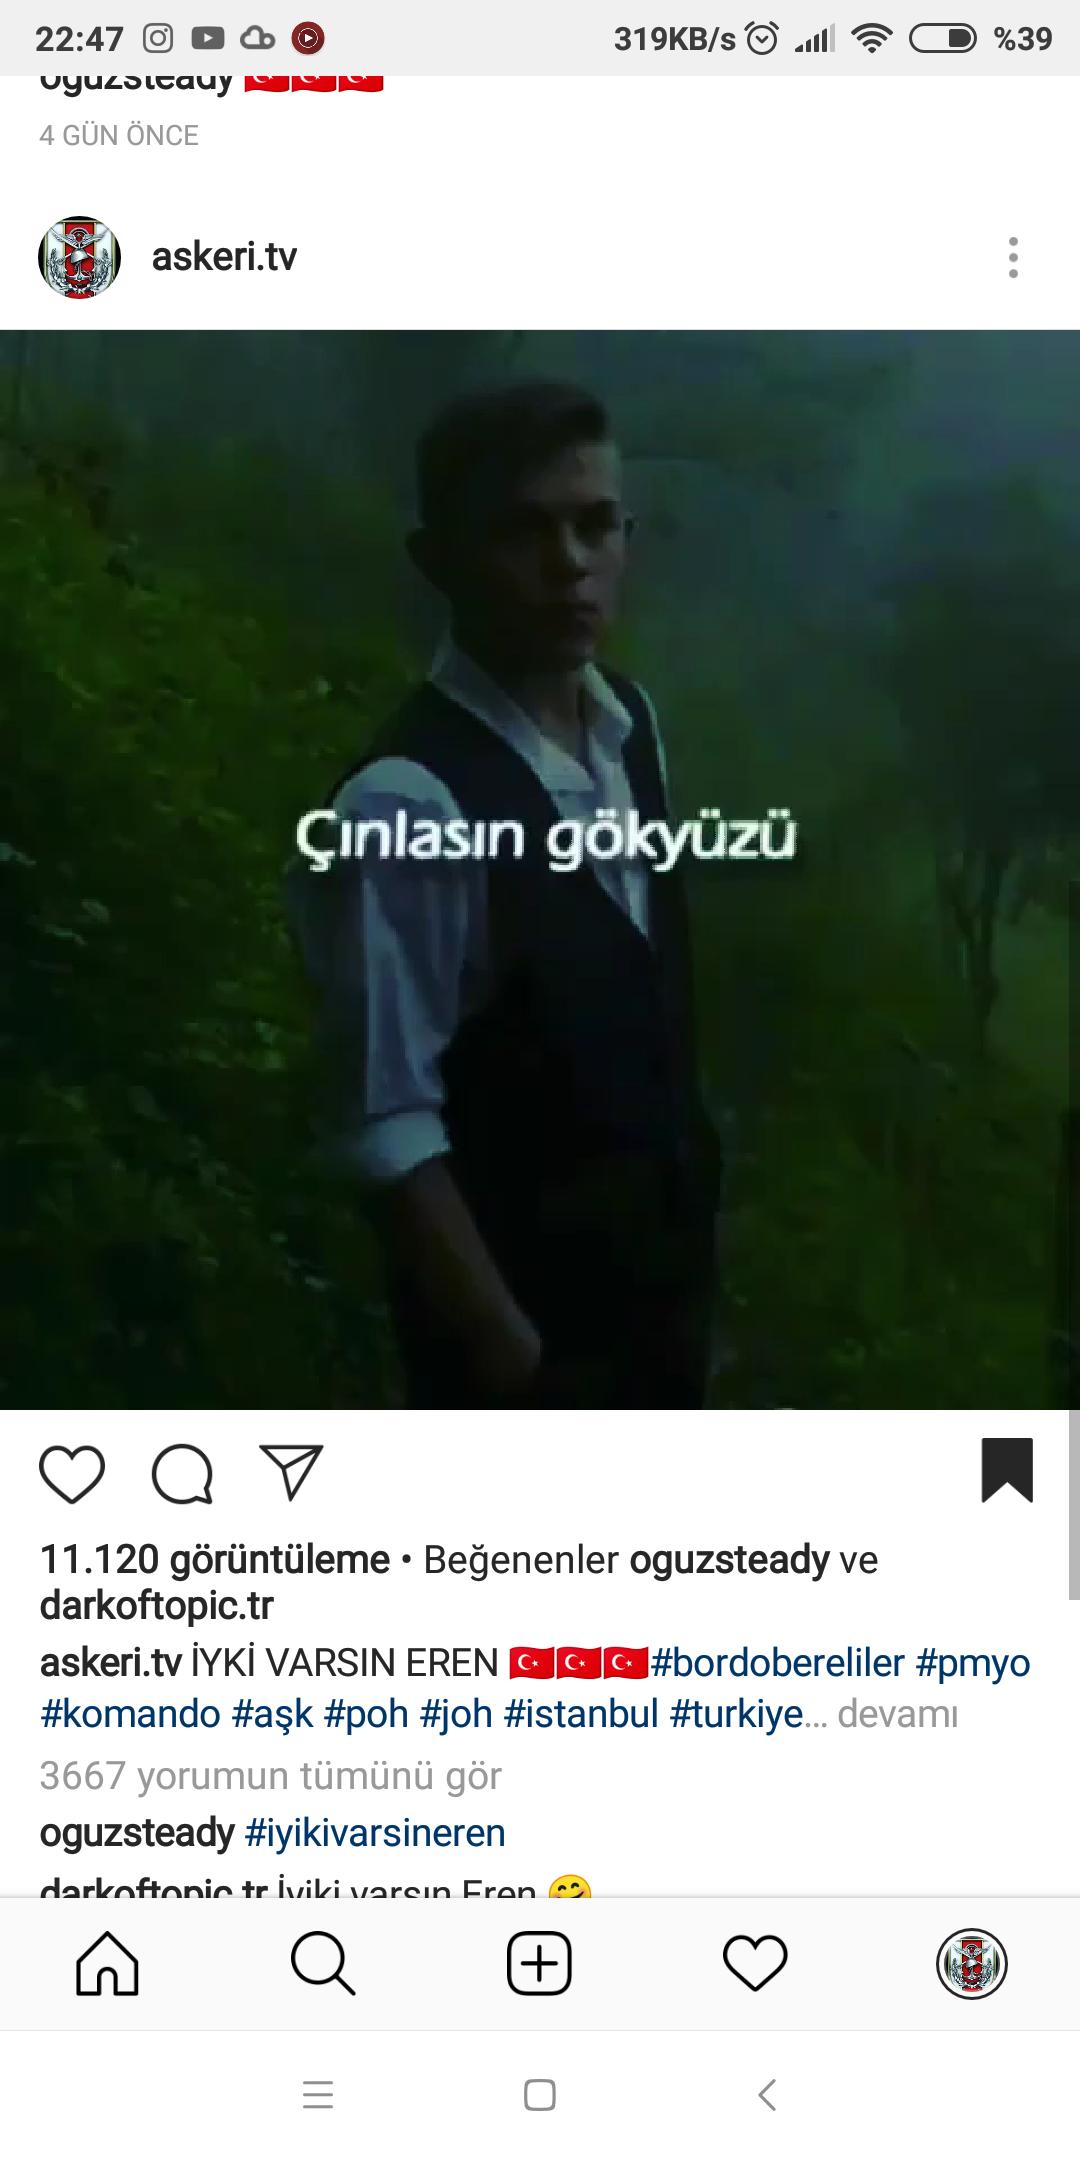 Screenshot_2018-10-24-22-47-34-164_com.instagram.android